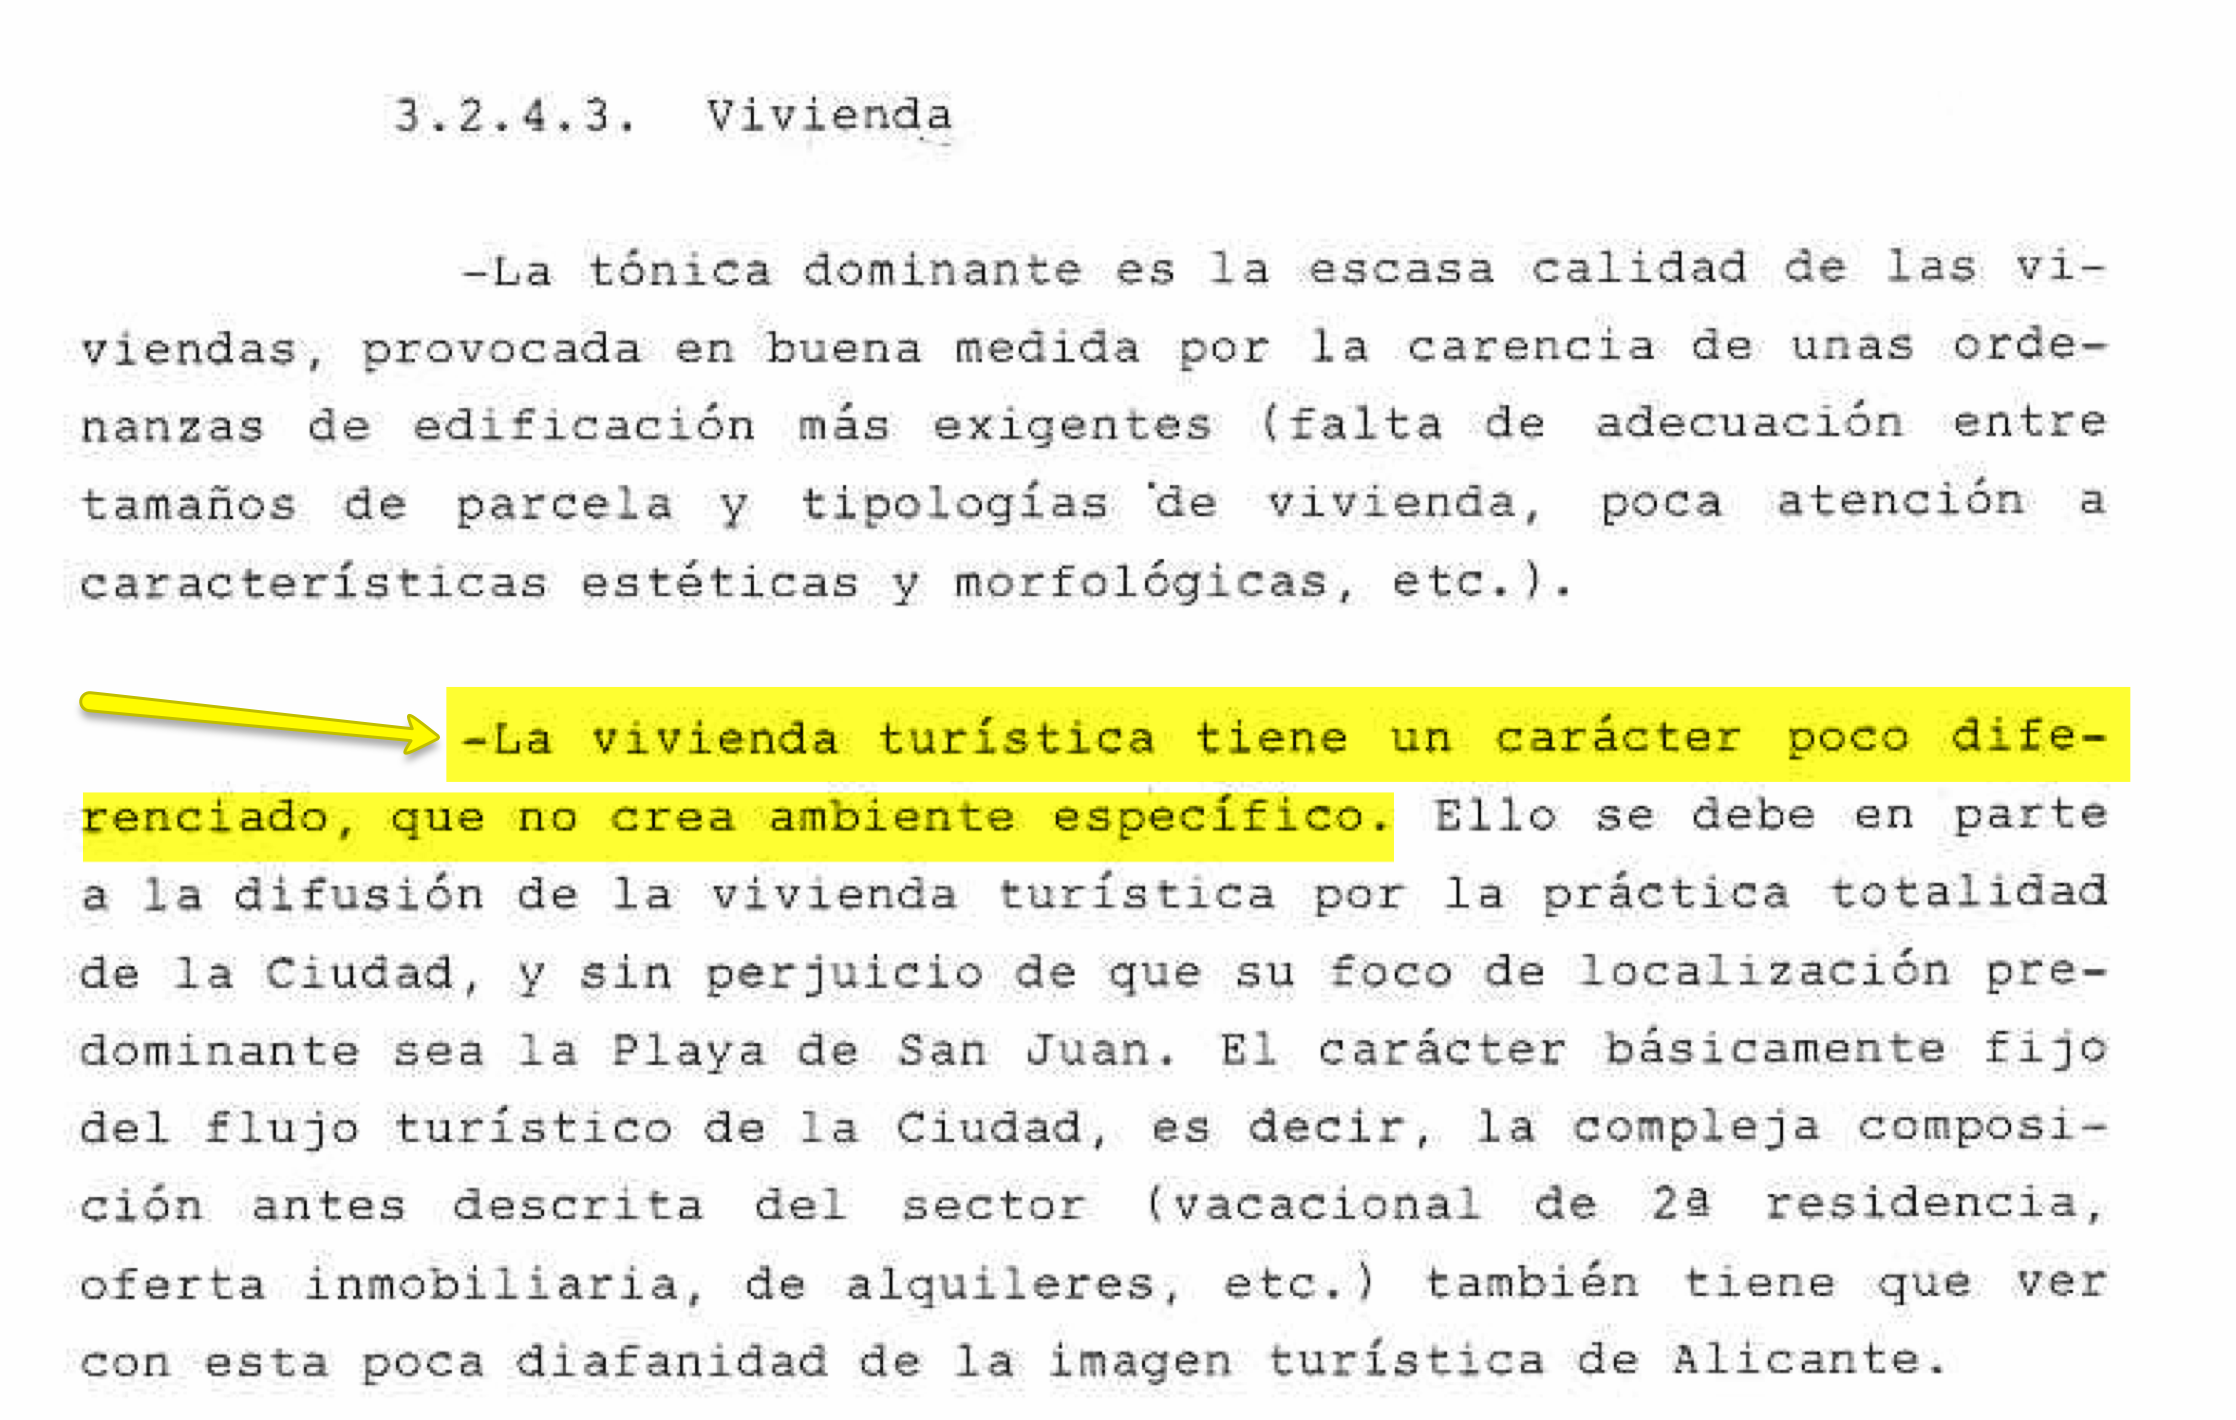 La vivienda turística según el Plan General Ordenación Urbanística de la ciudad de Alicante